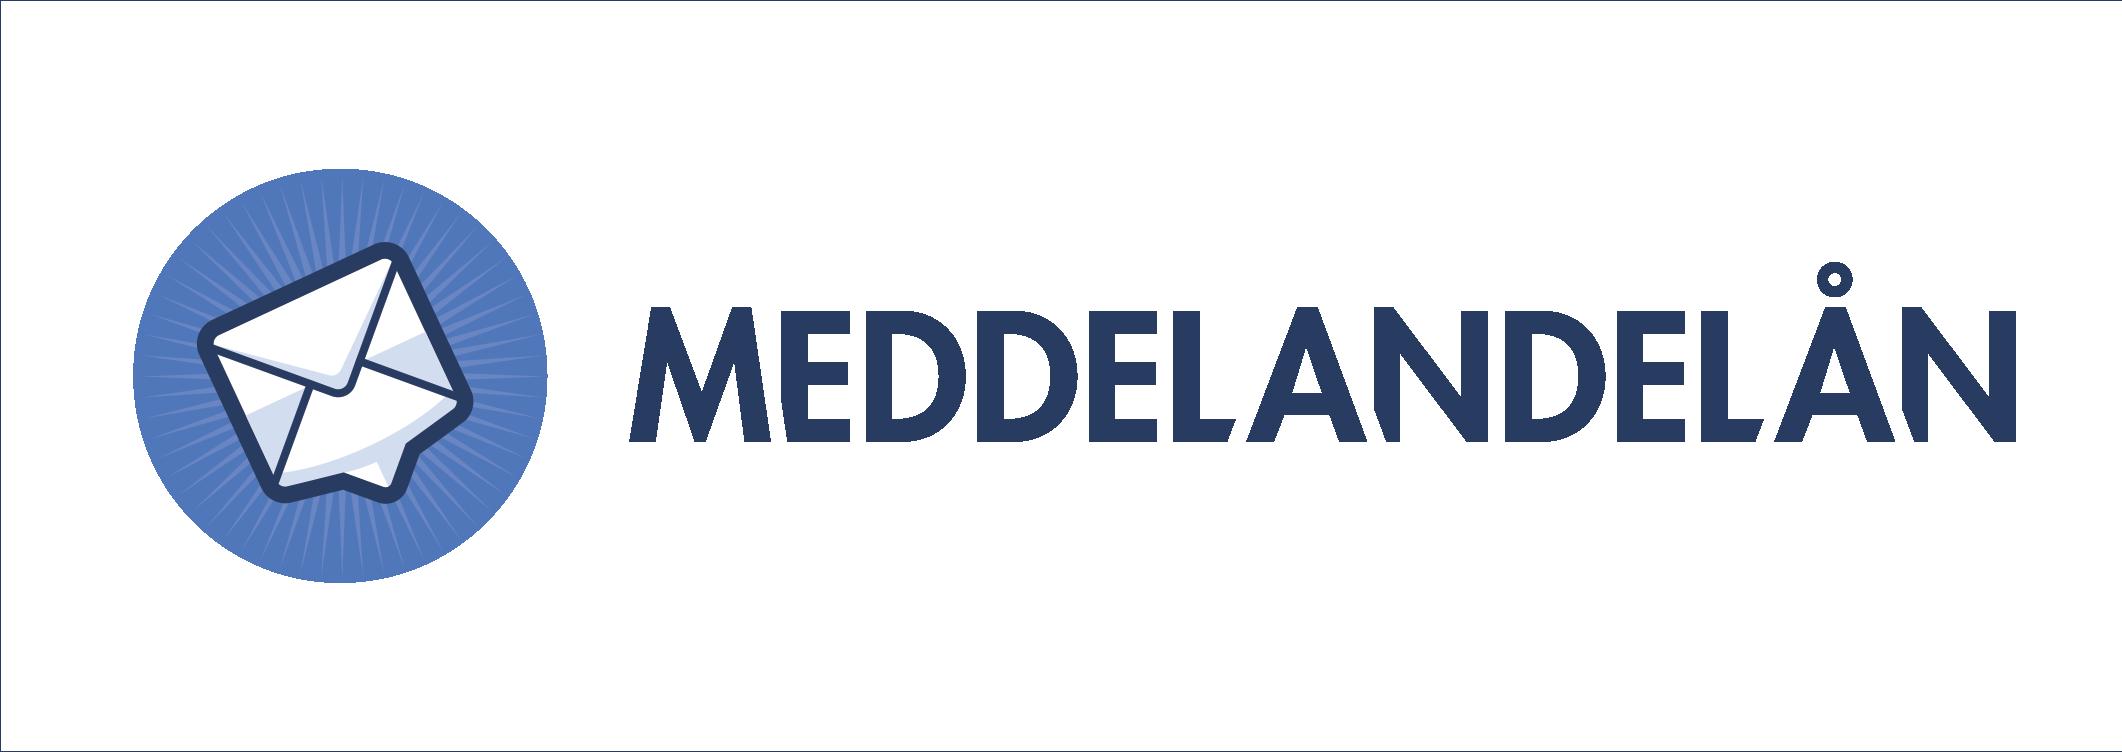 Meddelandelåns logotyp i blå färg med genomskinlig bakgrund